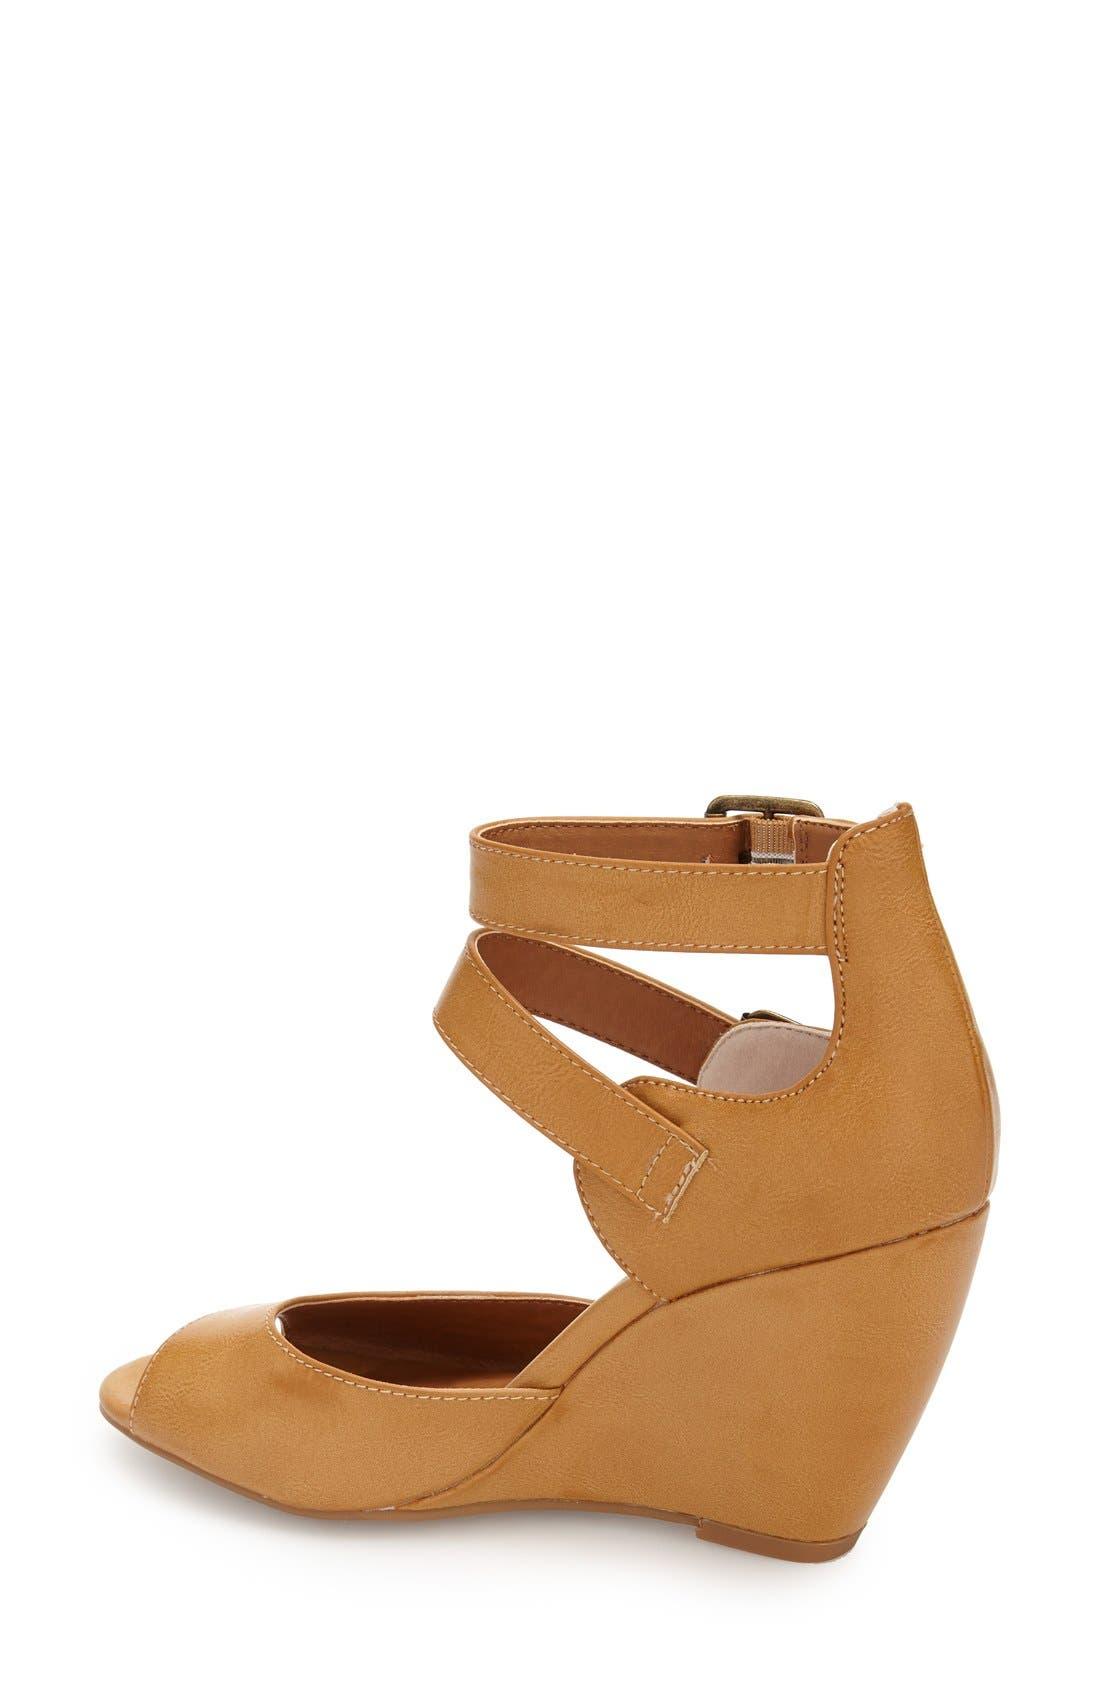 Alternate Image 2  - BC Footwear 'Spark' Wedge Sandal (Women)